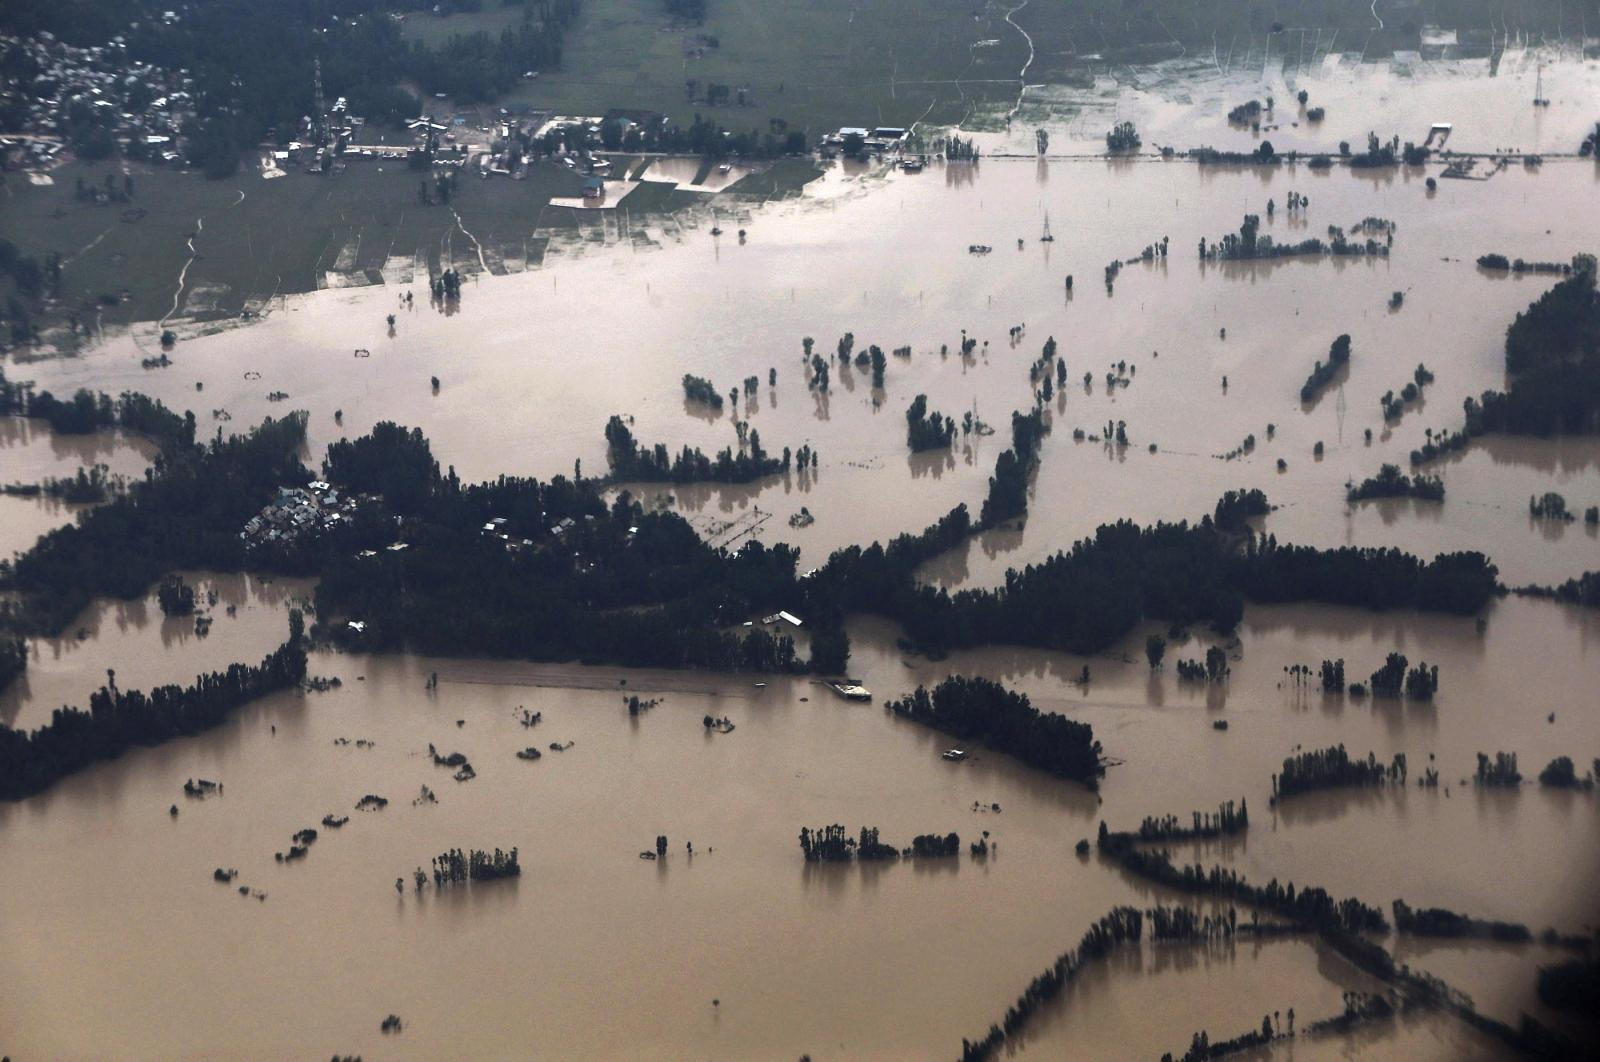 FLOODS.SUBMERGED